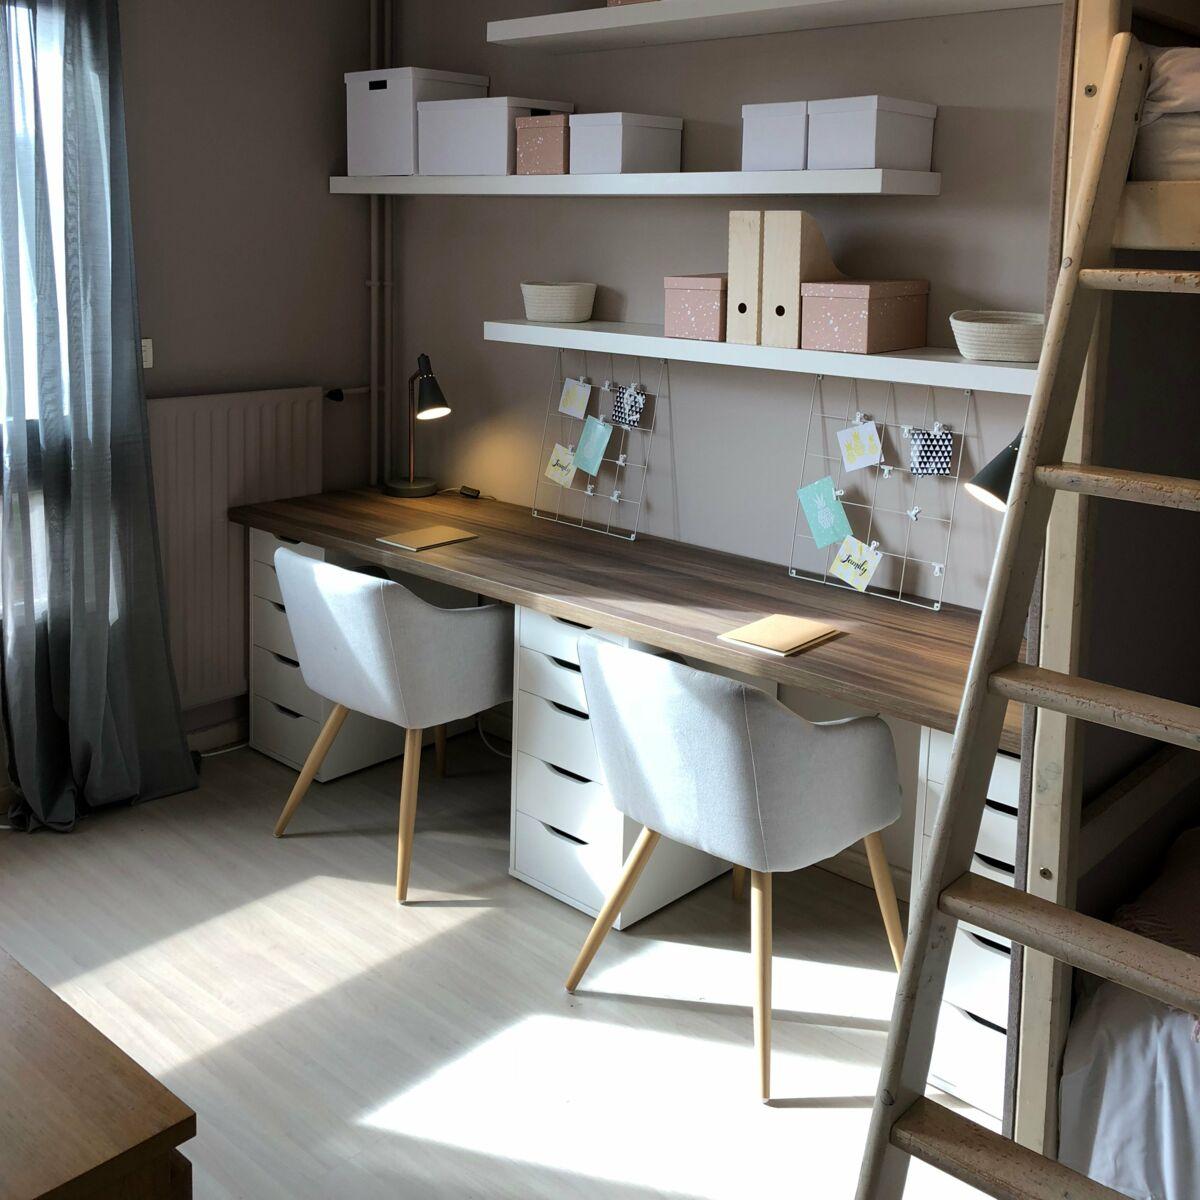 Fabriquer Un Bureau De Travail diy chambre : comment fabriquer un grand bureau : femme